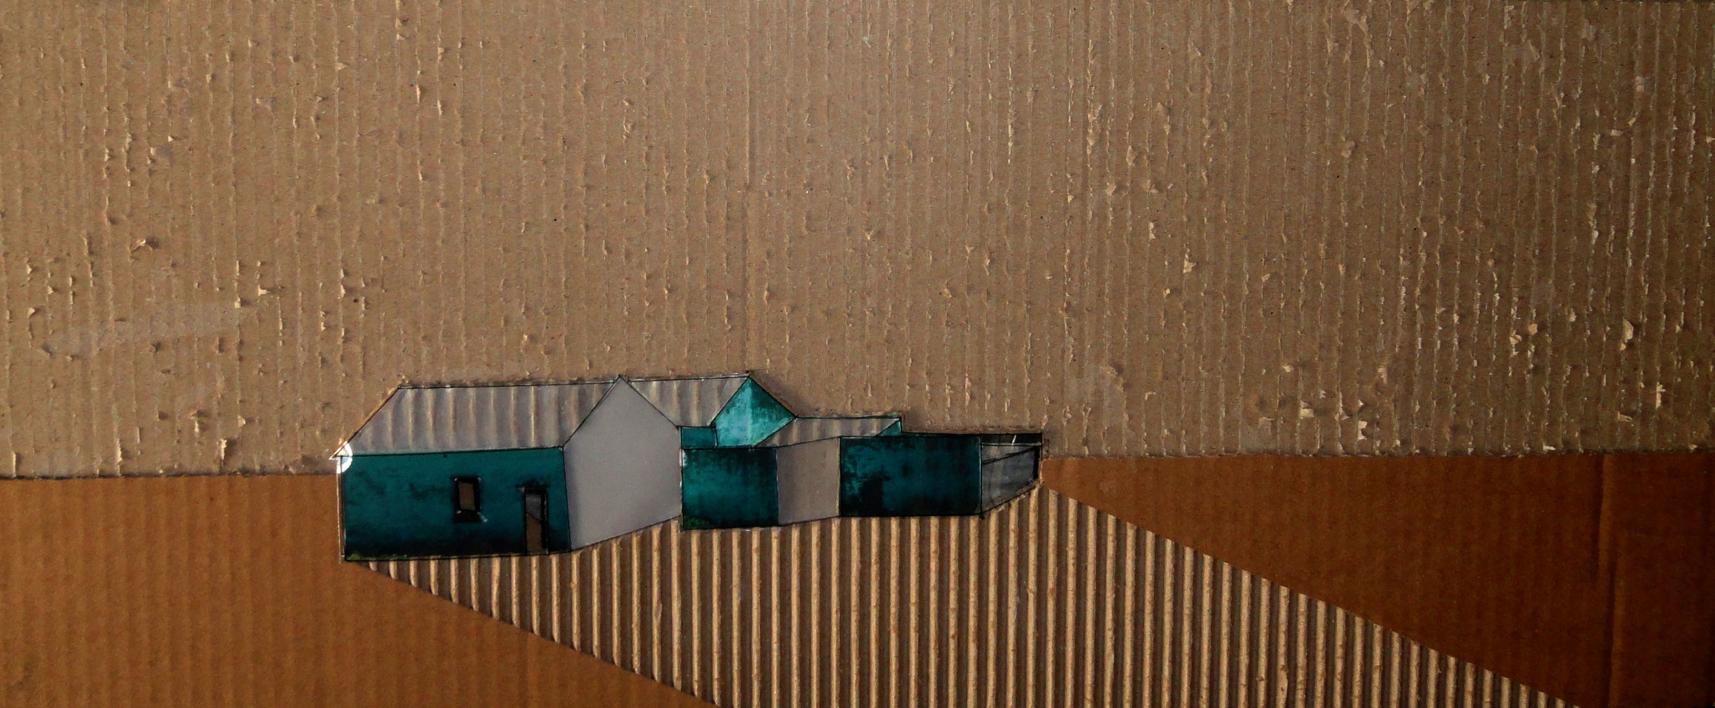 Cortijo  Collage de Ana Pellón   Compra arte en Flecha.es